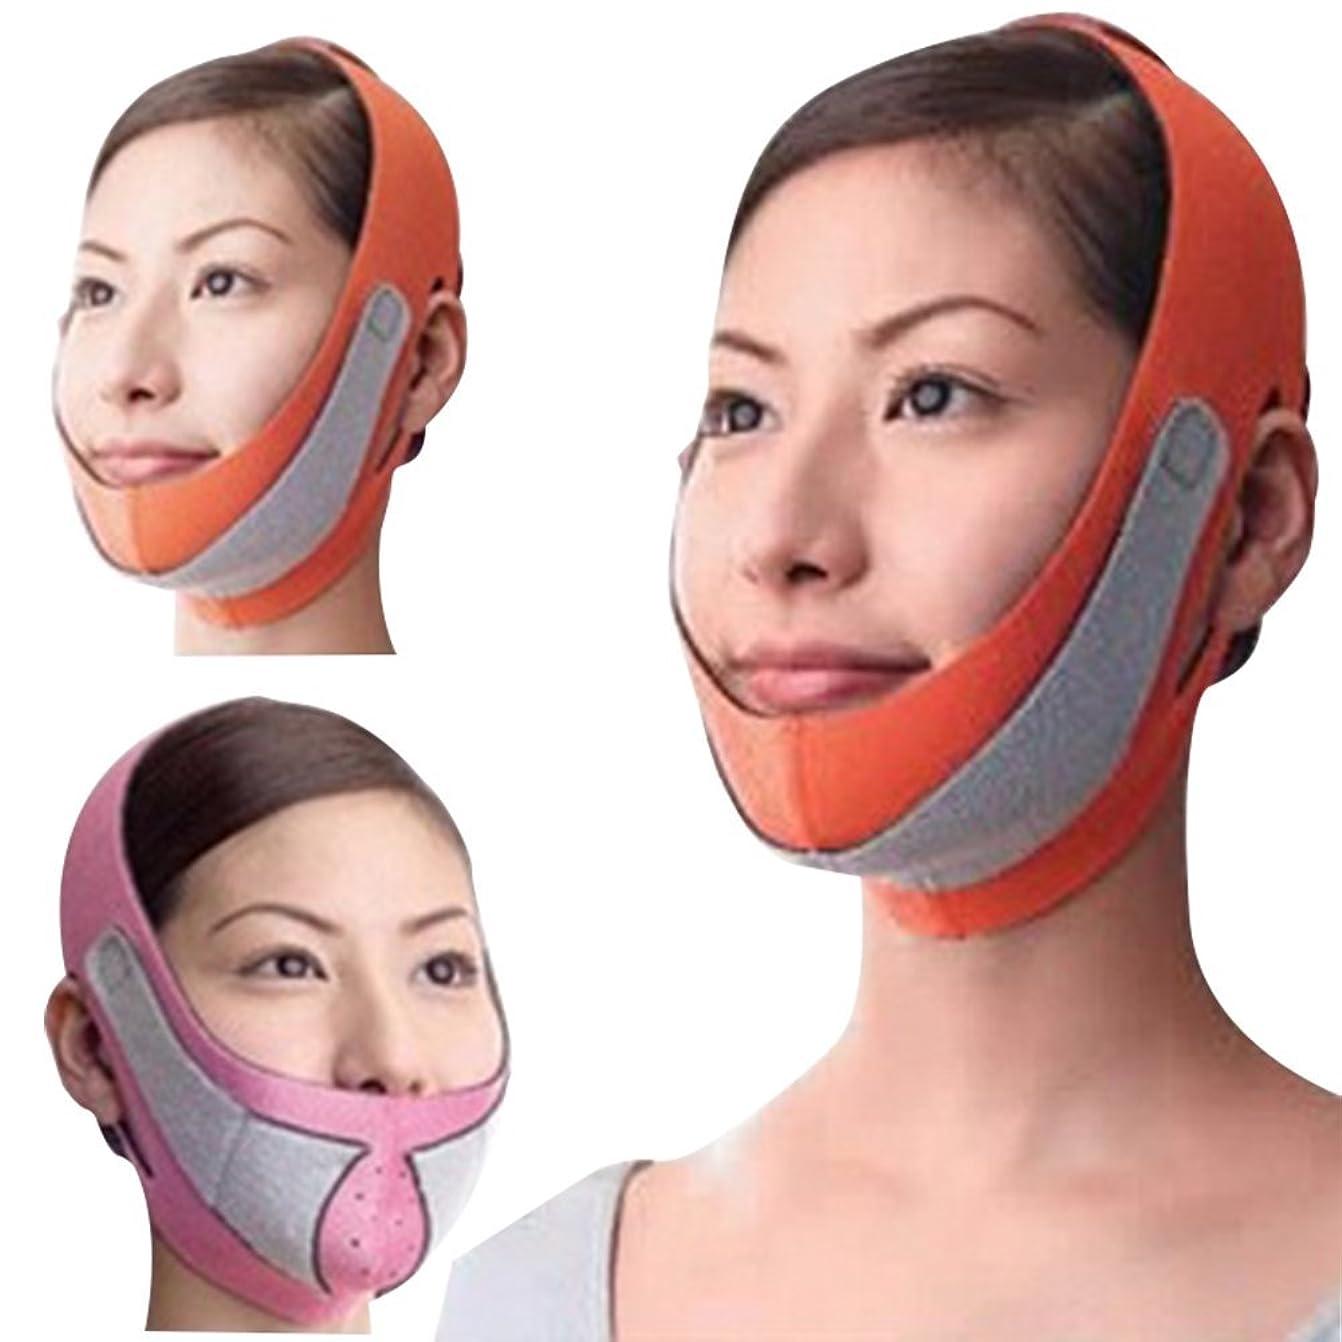 カテナコンテスト説明Remeehi 引き上げマスク 頬のたるみ 額 顎下 頬リフトアップ ピンク グレー 弾力V-ラインマスク 引っ張る リフティング フェイス リフトスリムマスク 美容 フェイスマスク オレンジ